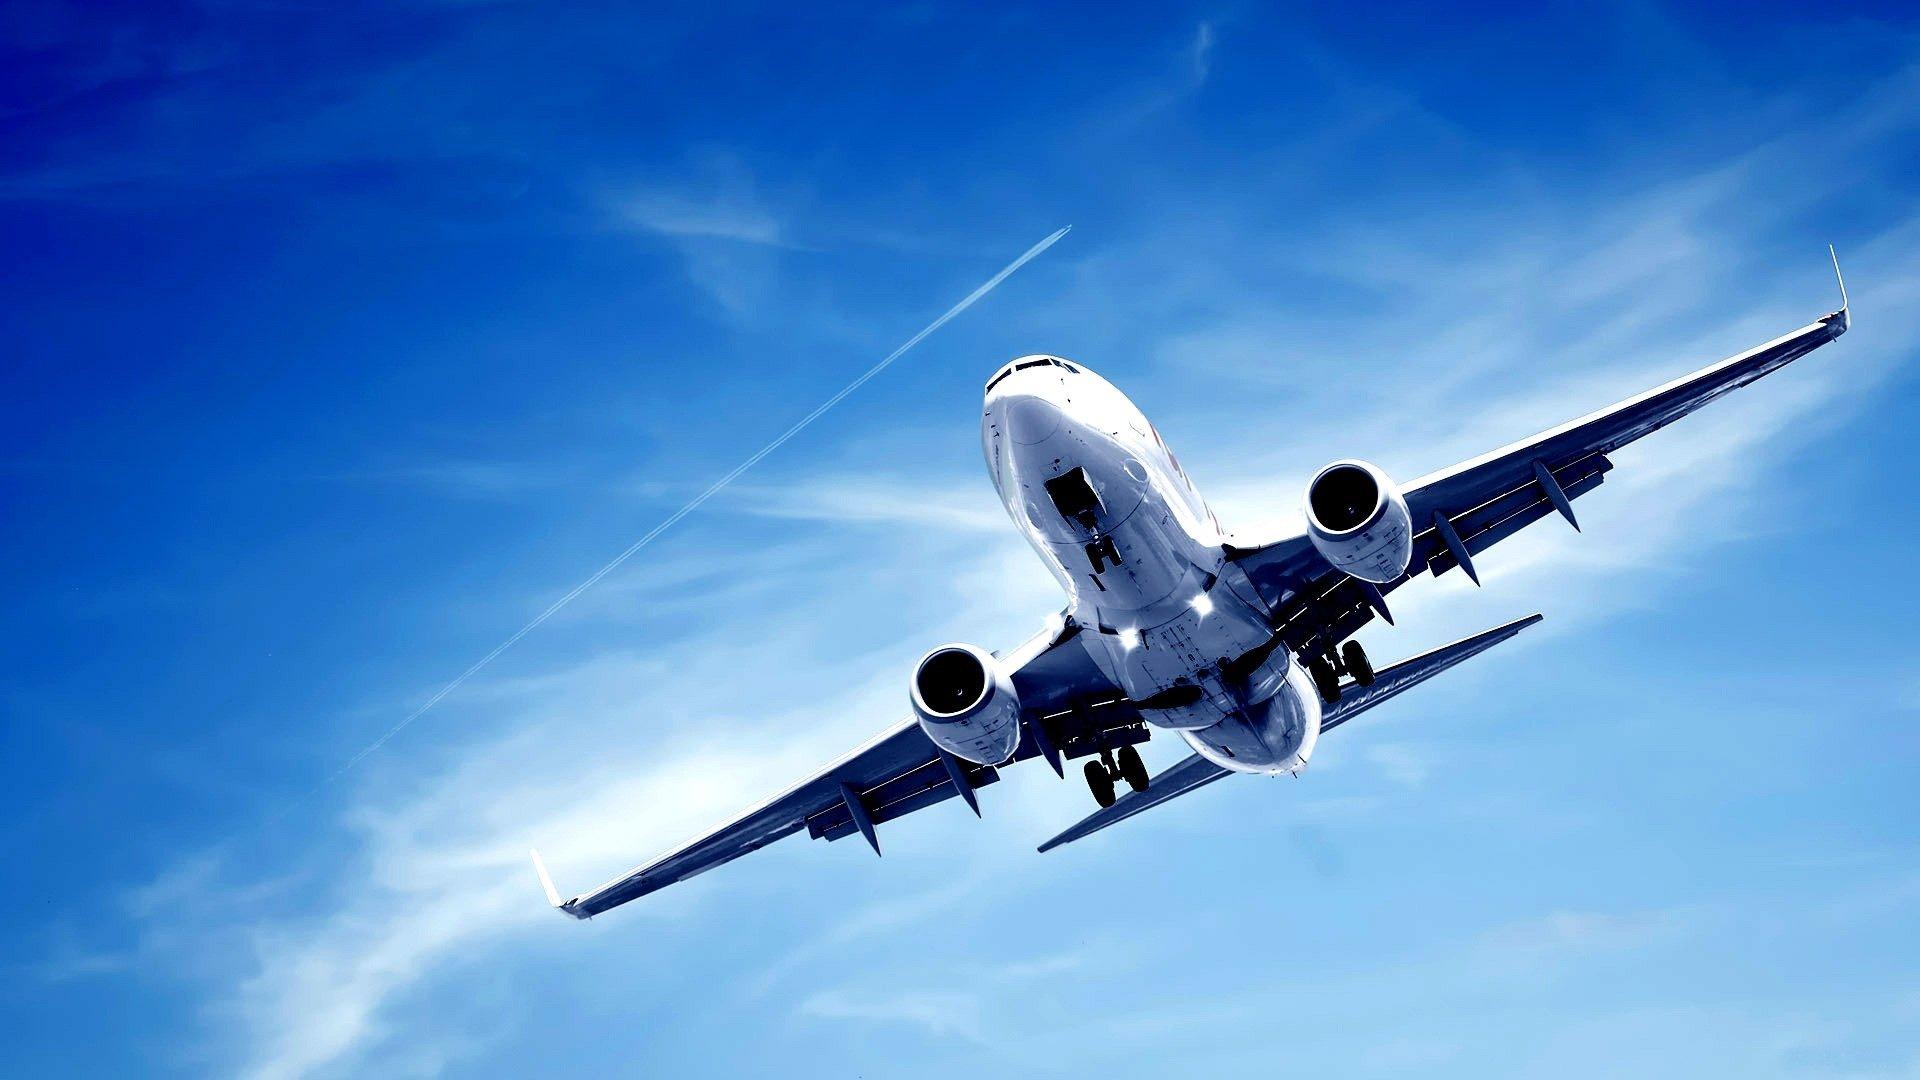 Пилот эмиратской компании Etihad Airways скончался вовремя полета